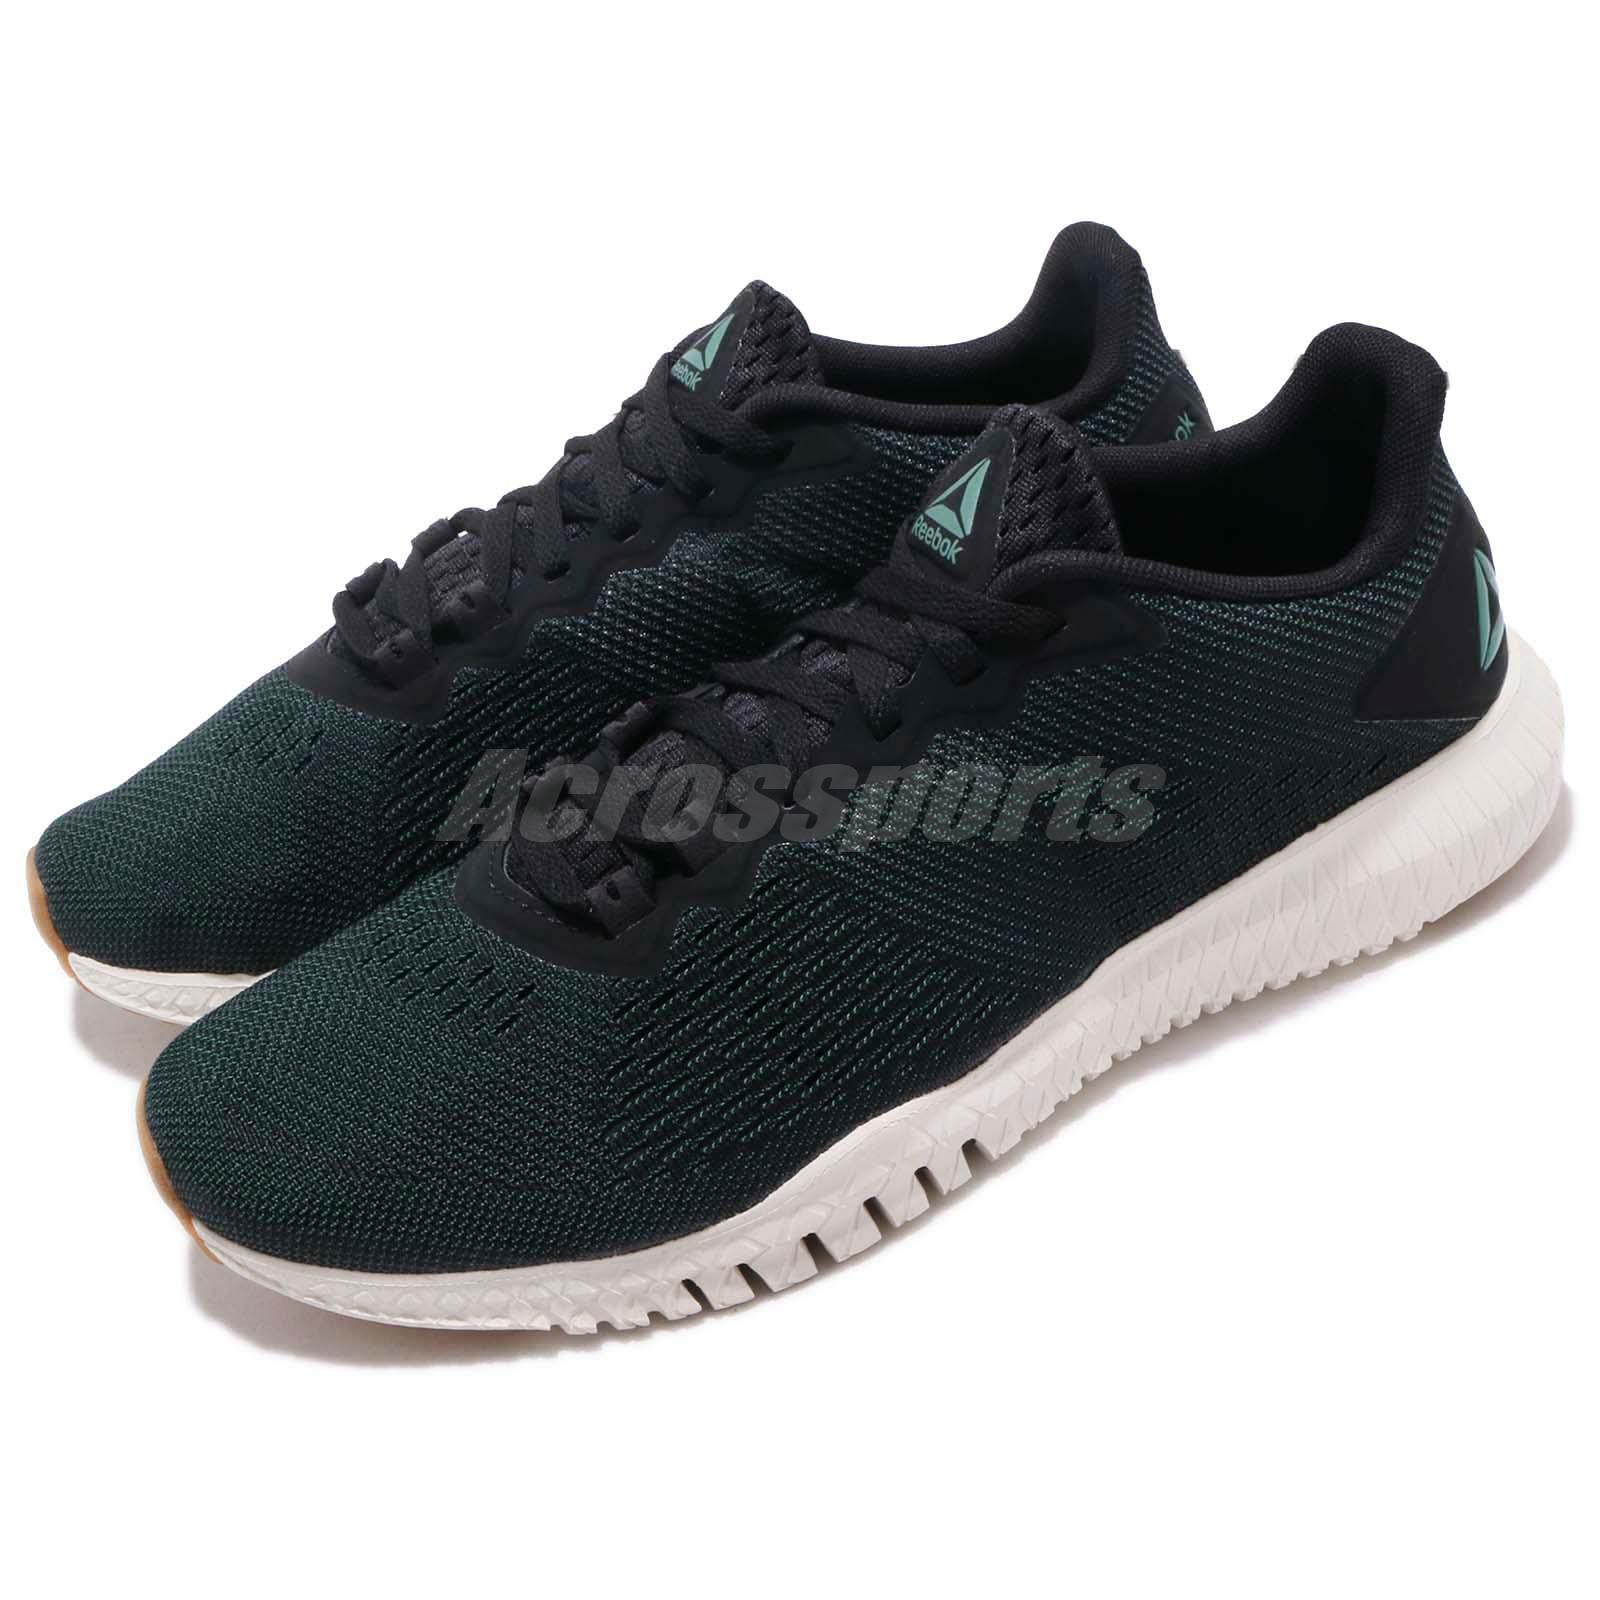 7124f6eabf76 Reebok Flexagon Green Black Chalk Men Cross Training Shoes Sneakers ...